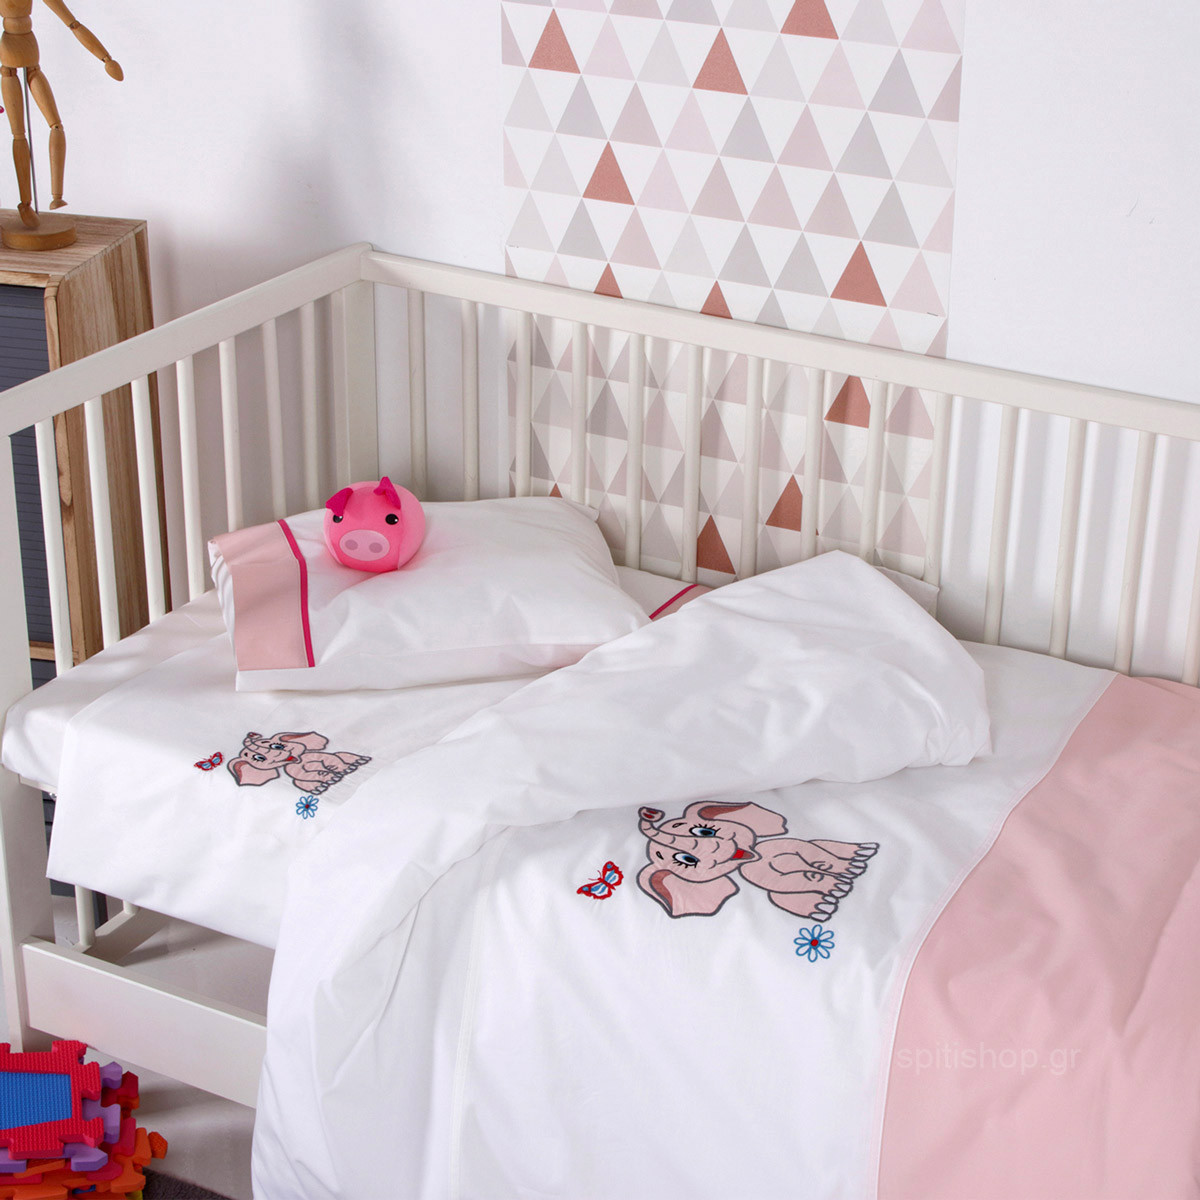 Σεντόνια Κούνιας (Σετ) Sb Home Baby Dumbo Pink